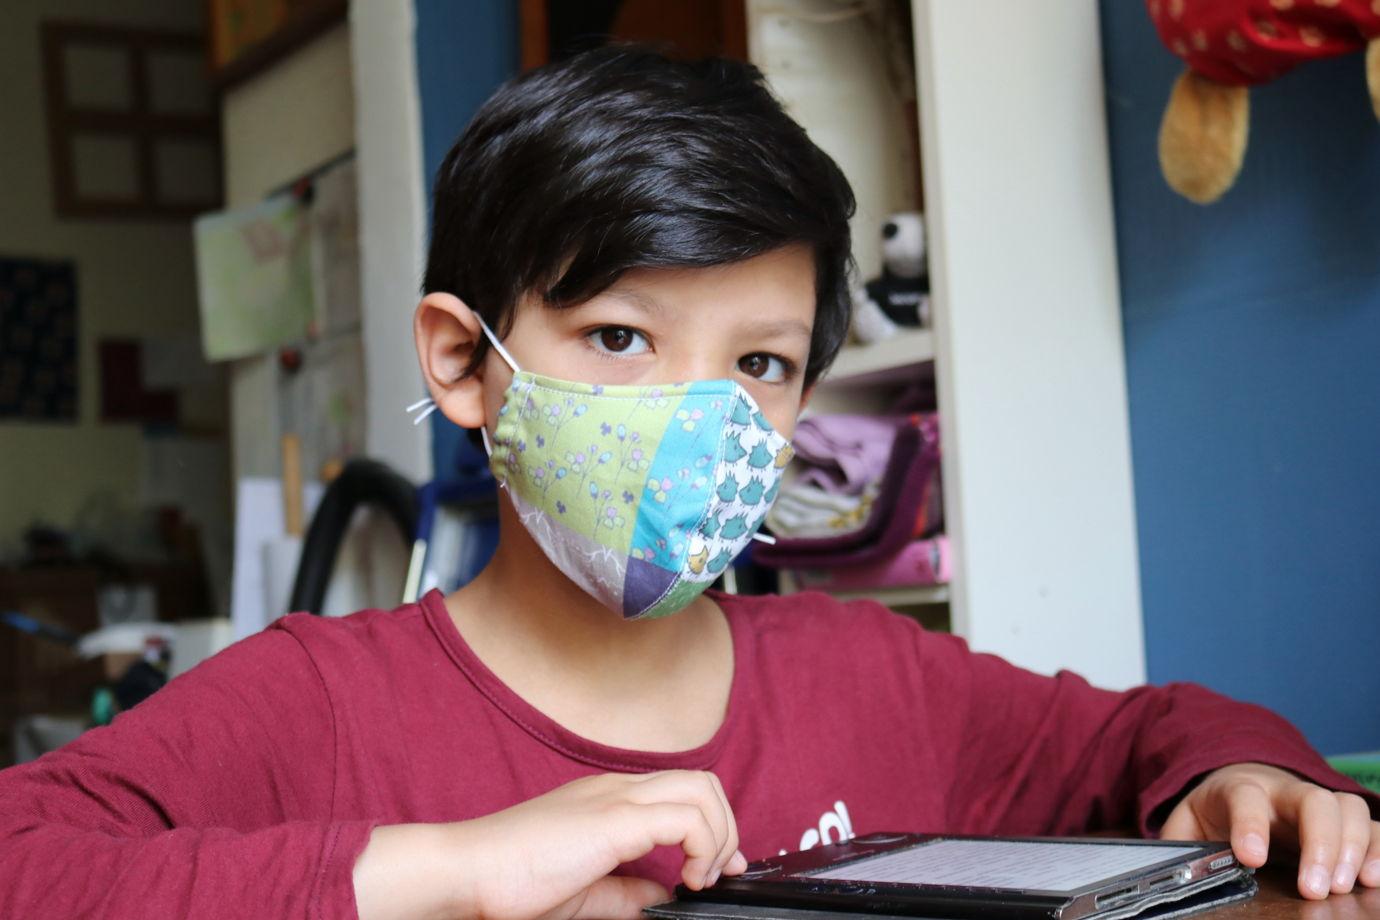 """Защитная многоразовая маска для лица с авторским дизайном """"Коллаж с белыми ежиками"""". Хлопок 100%."""